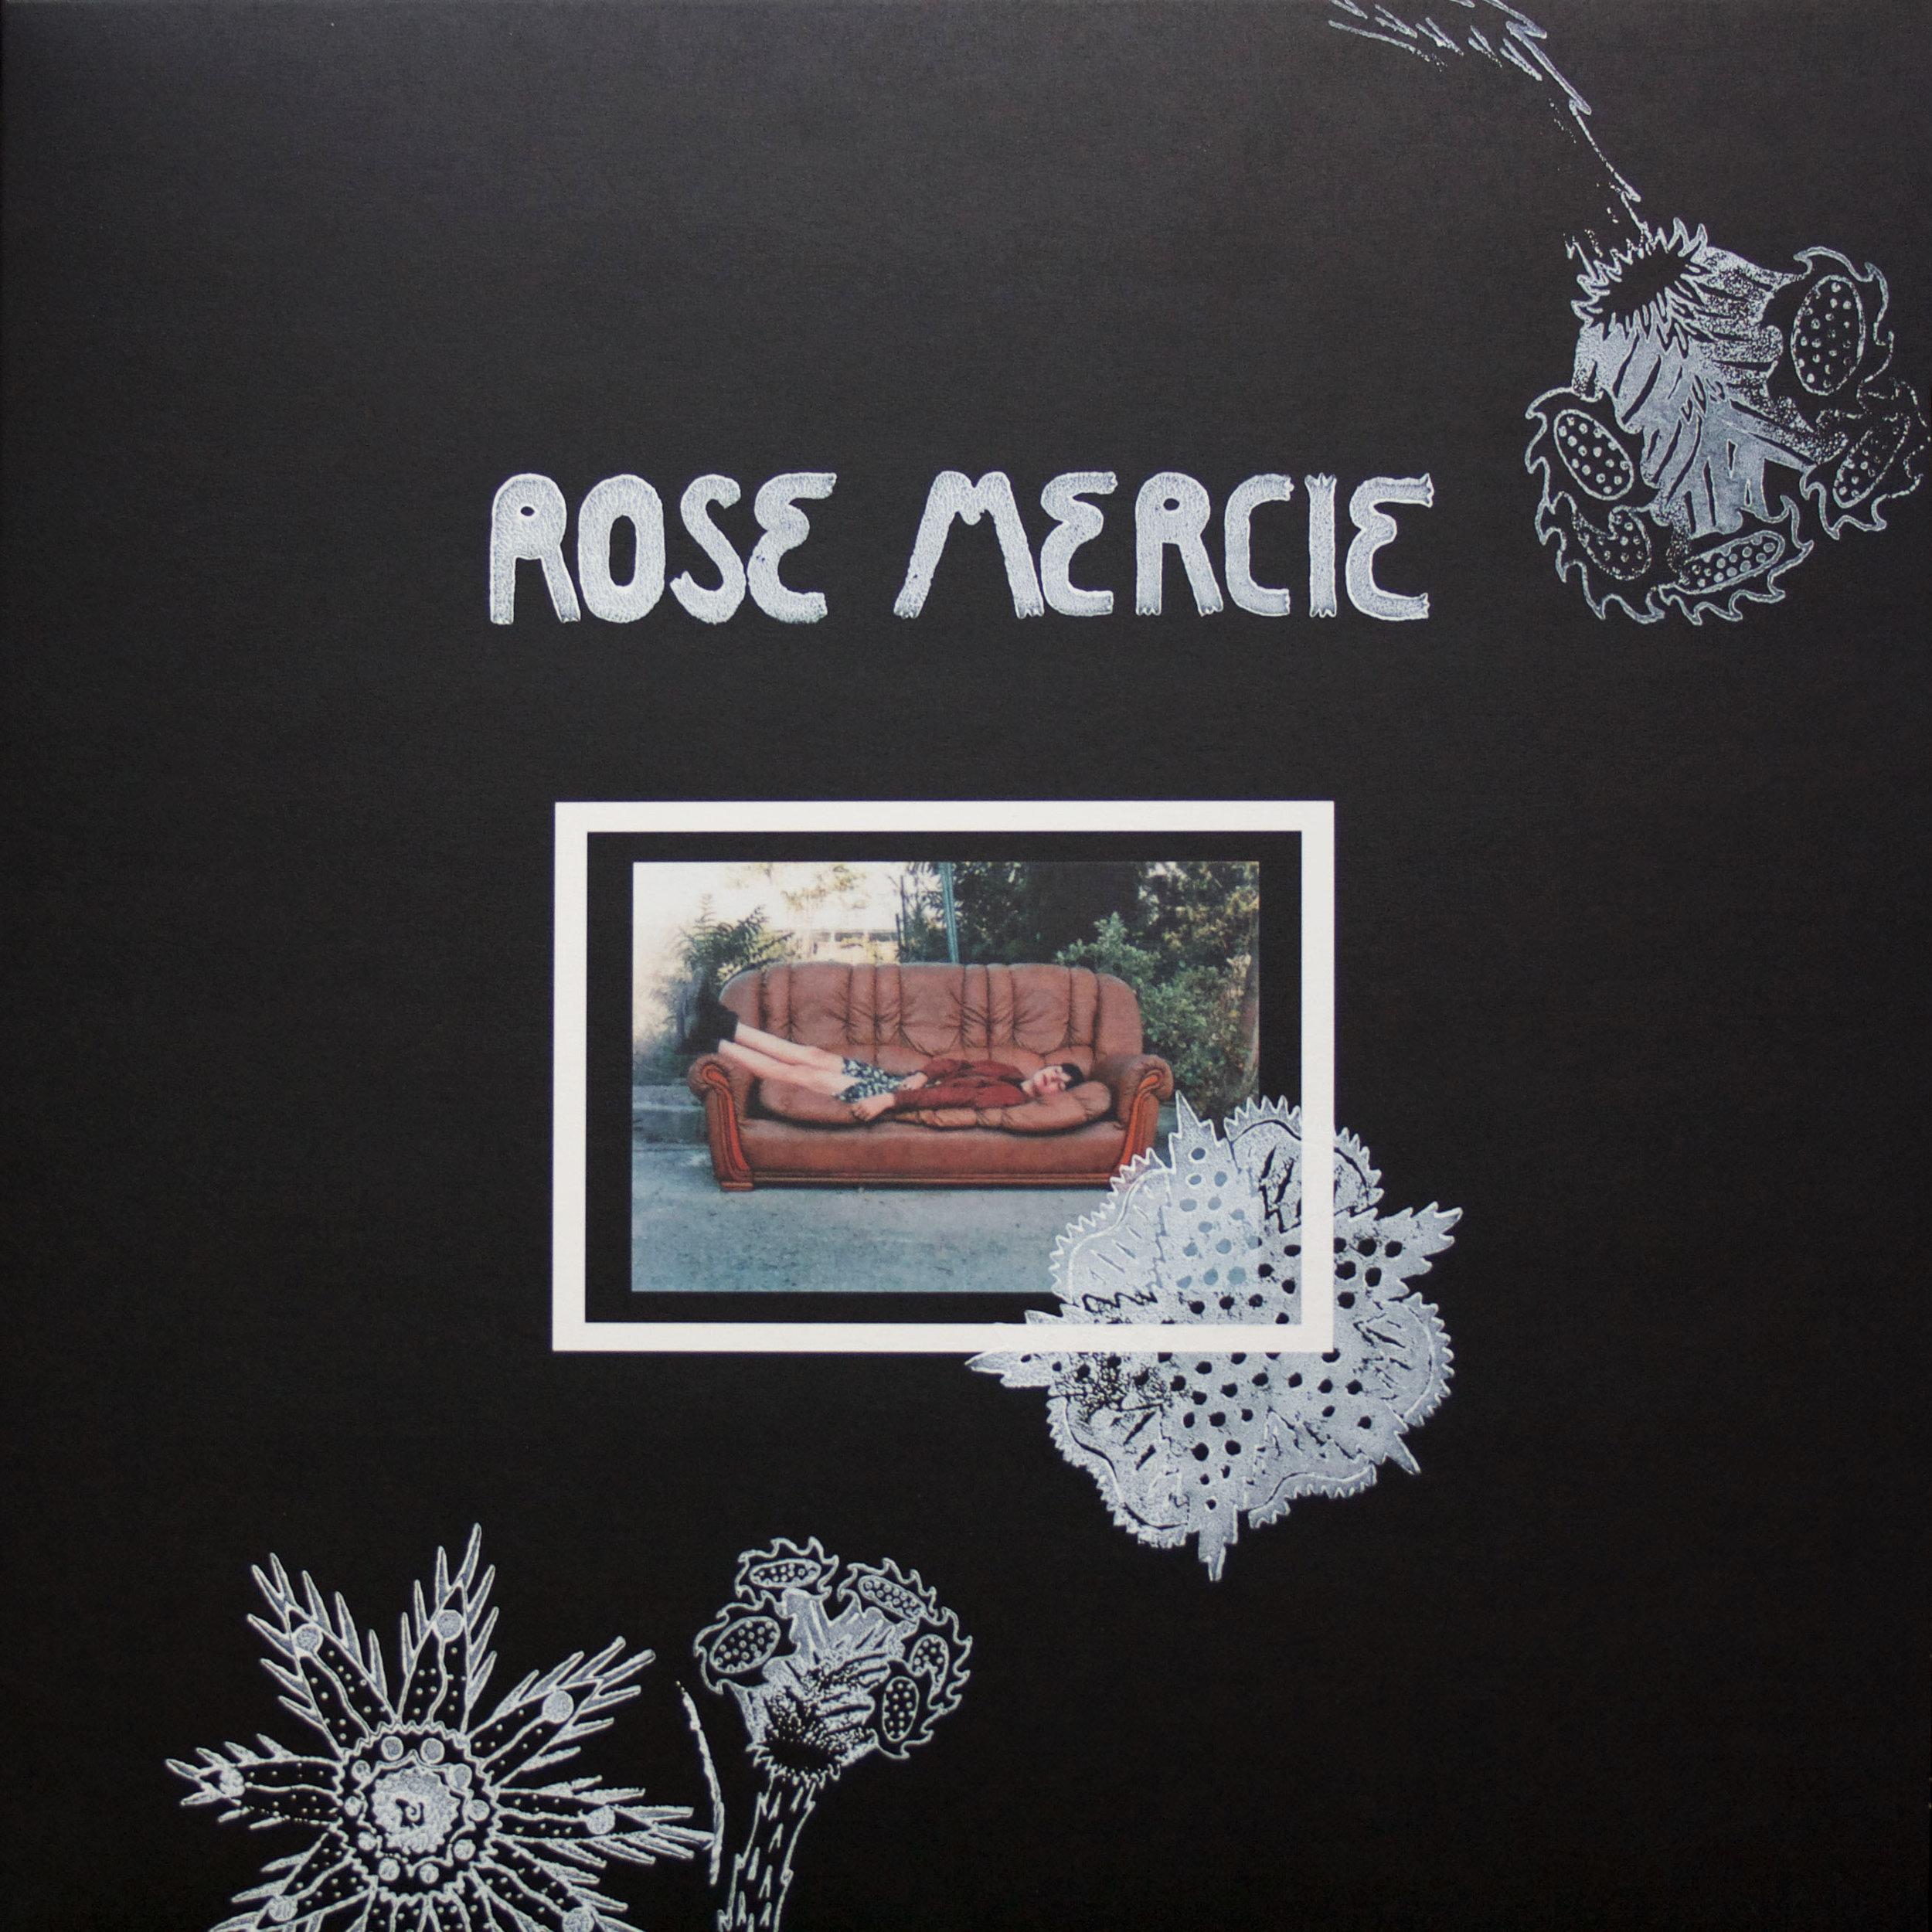 rose mercie cover.jpg